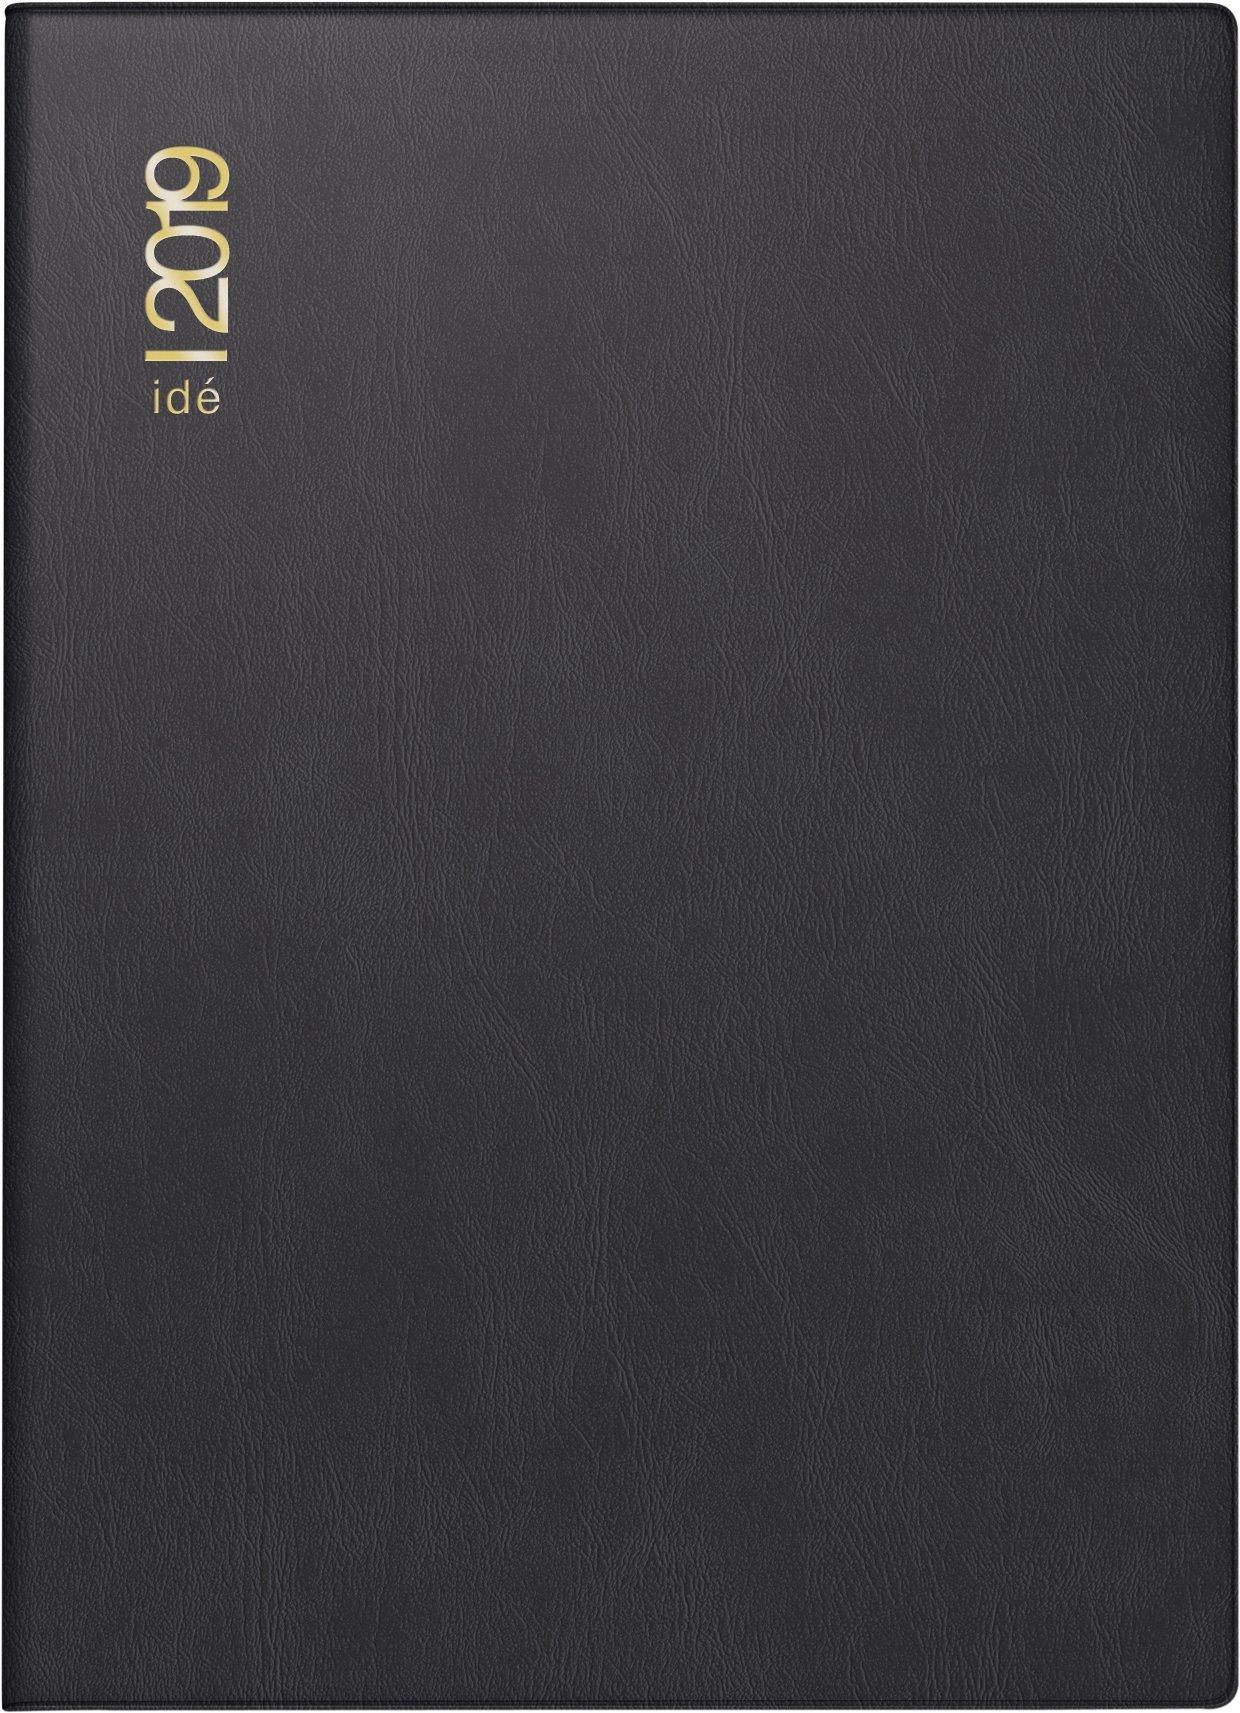 rido-id-701300290-taschenkalender-perfect-technik-i-2-seiten-1-woche-100-x-140-mm-kunststoff-einband-schwarz-kalendarium-2019